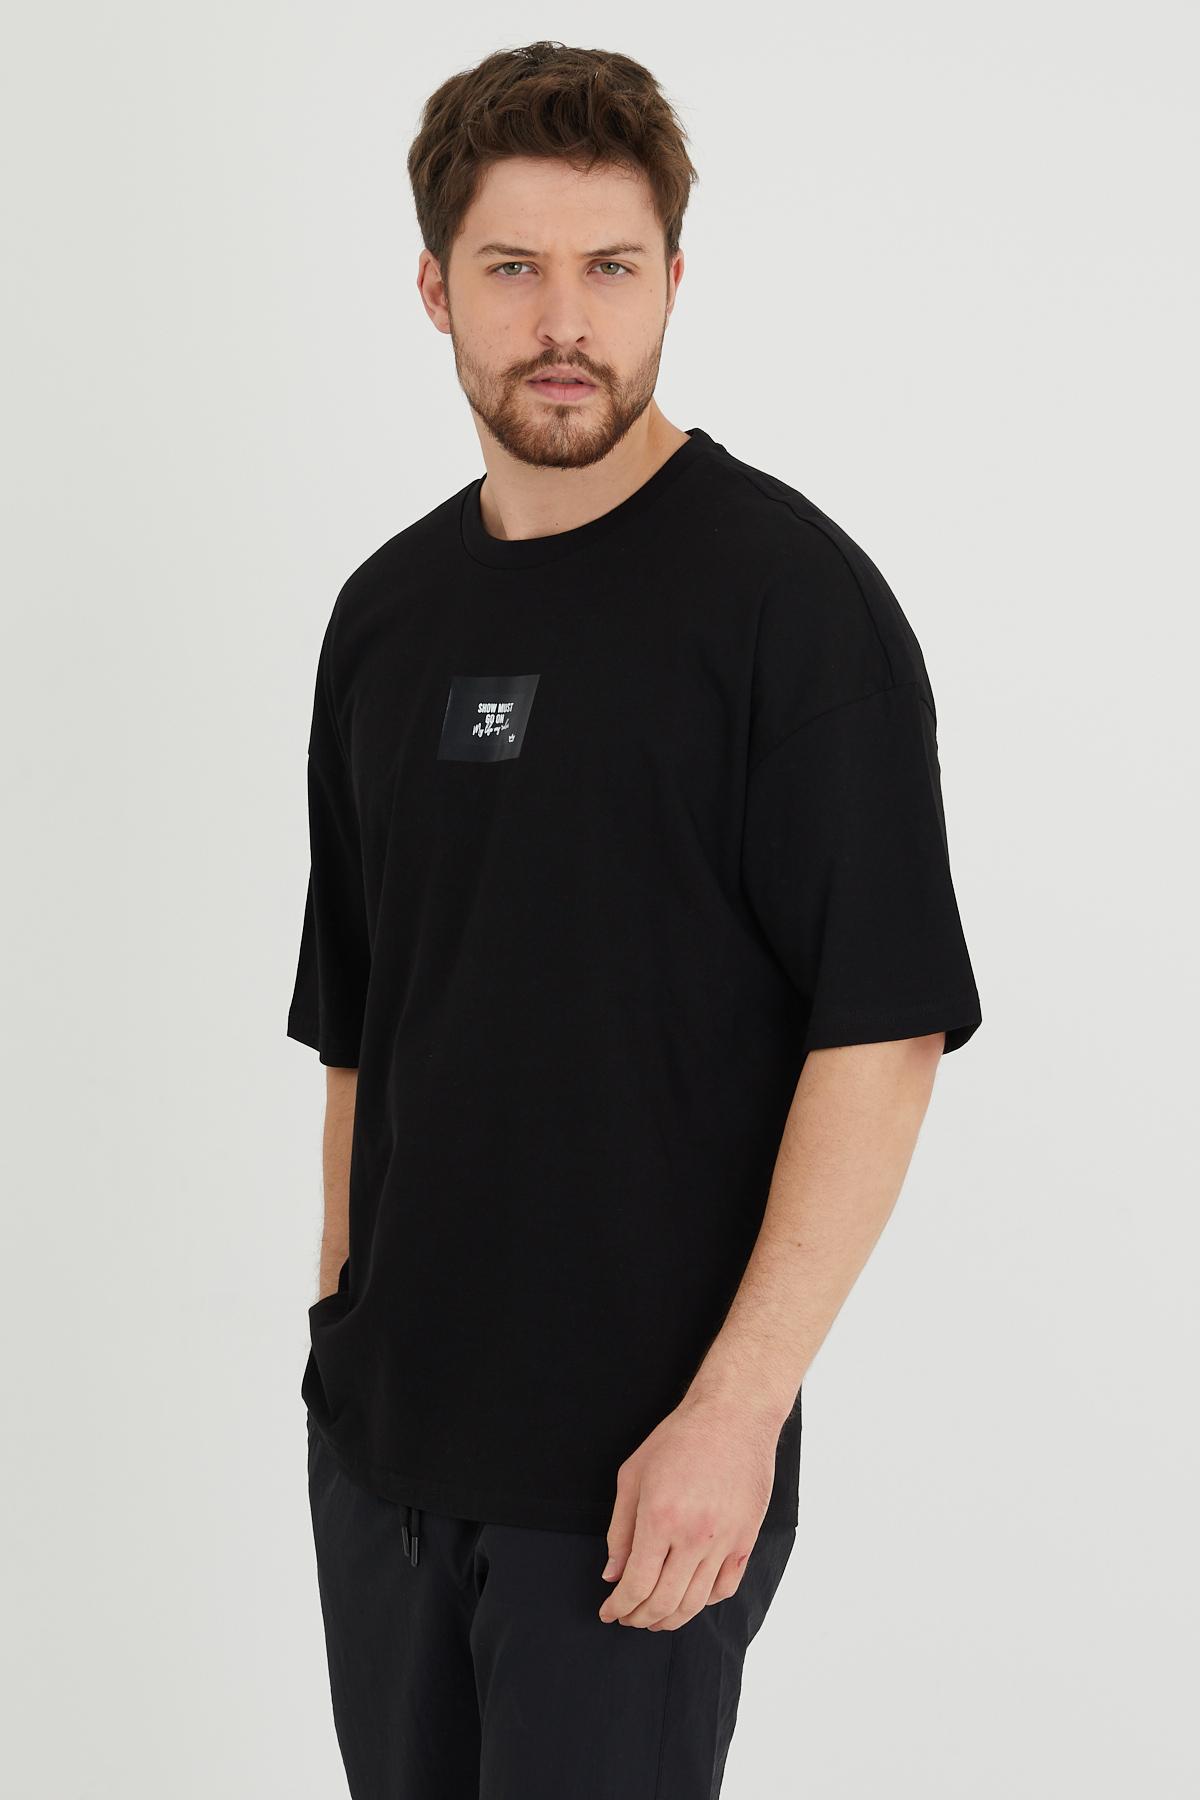 XHAN - Siyah Baskılı Oversize T-Shirt 1KXE1-44634-02